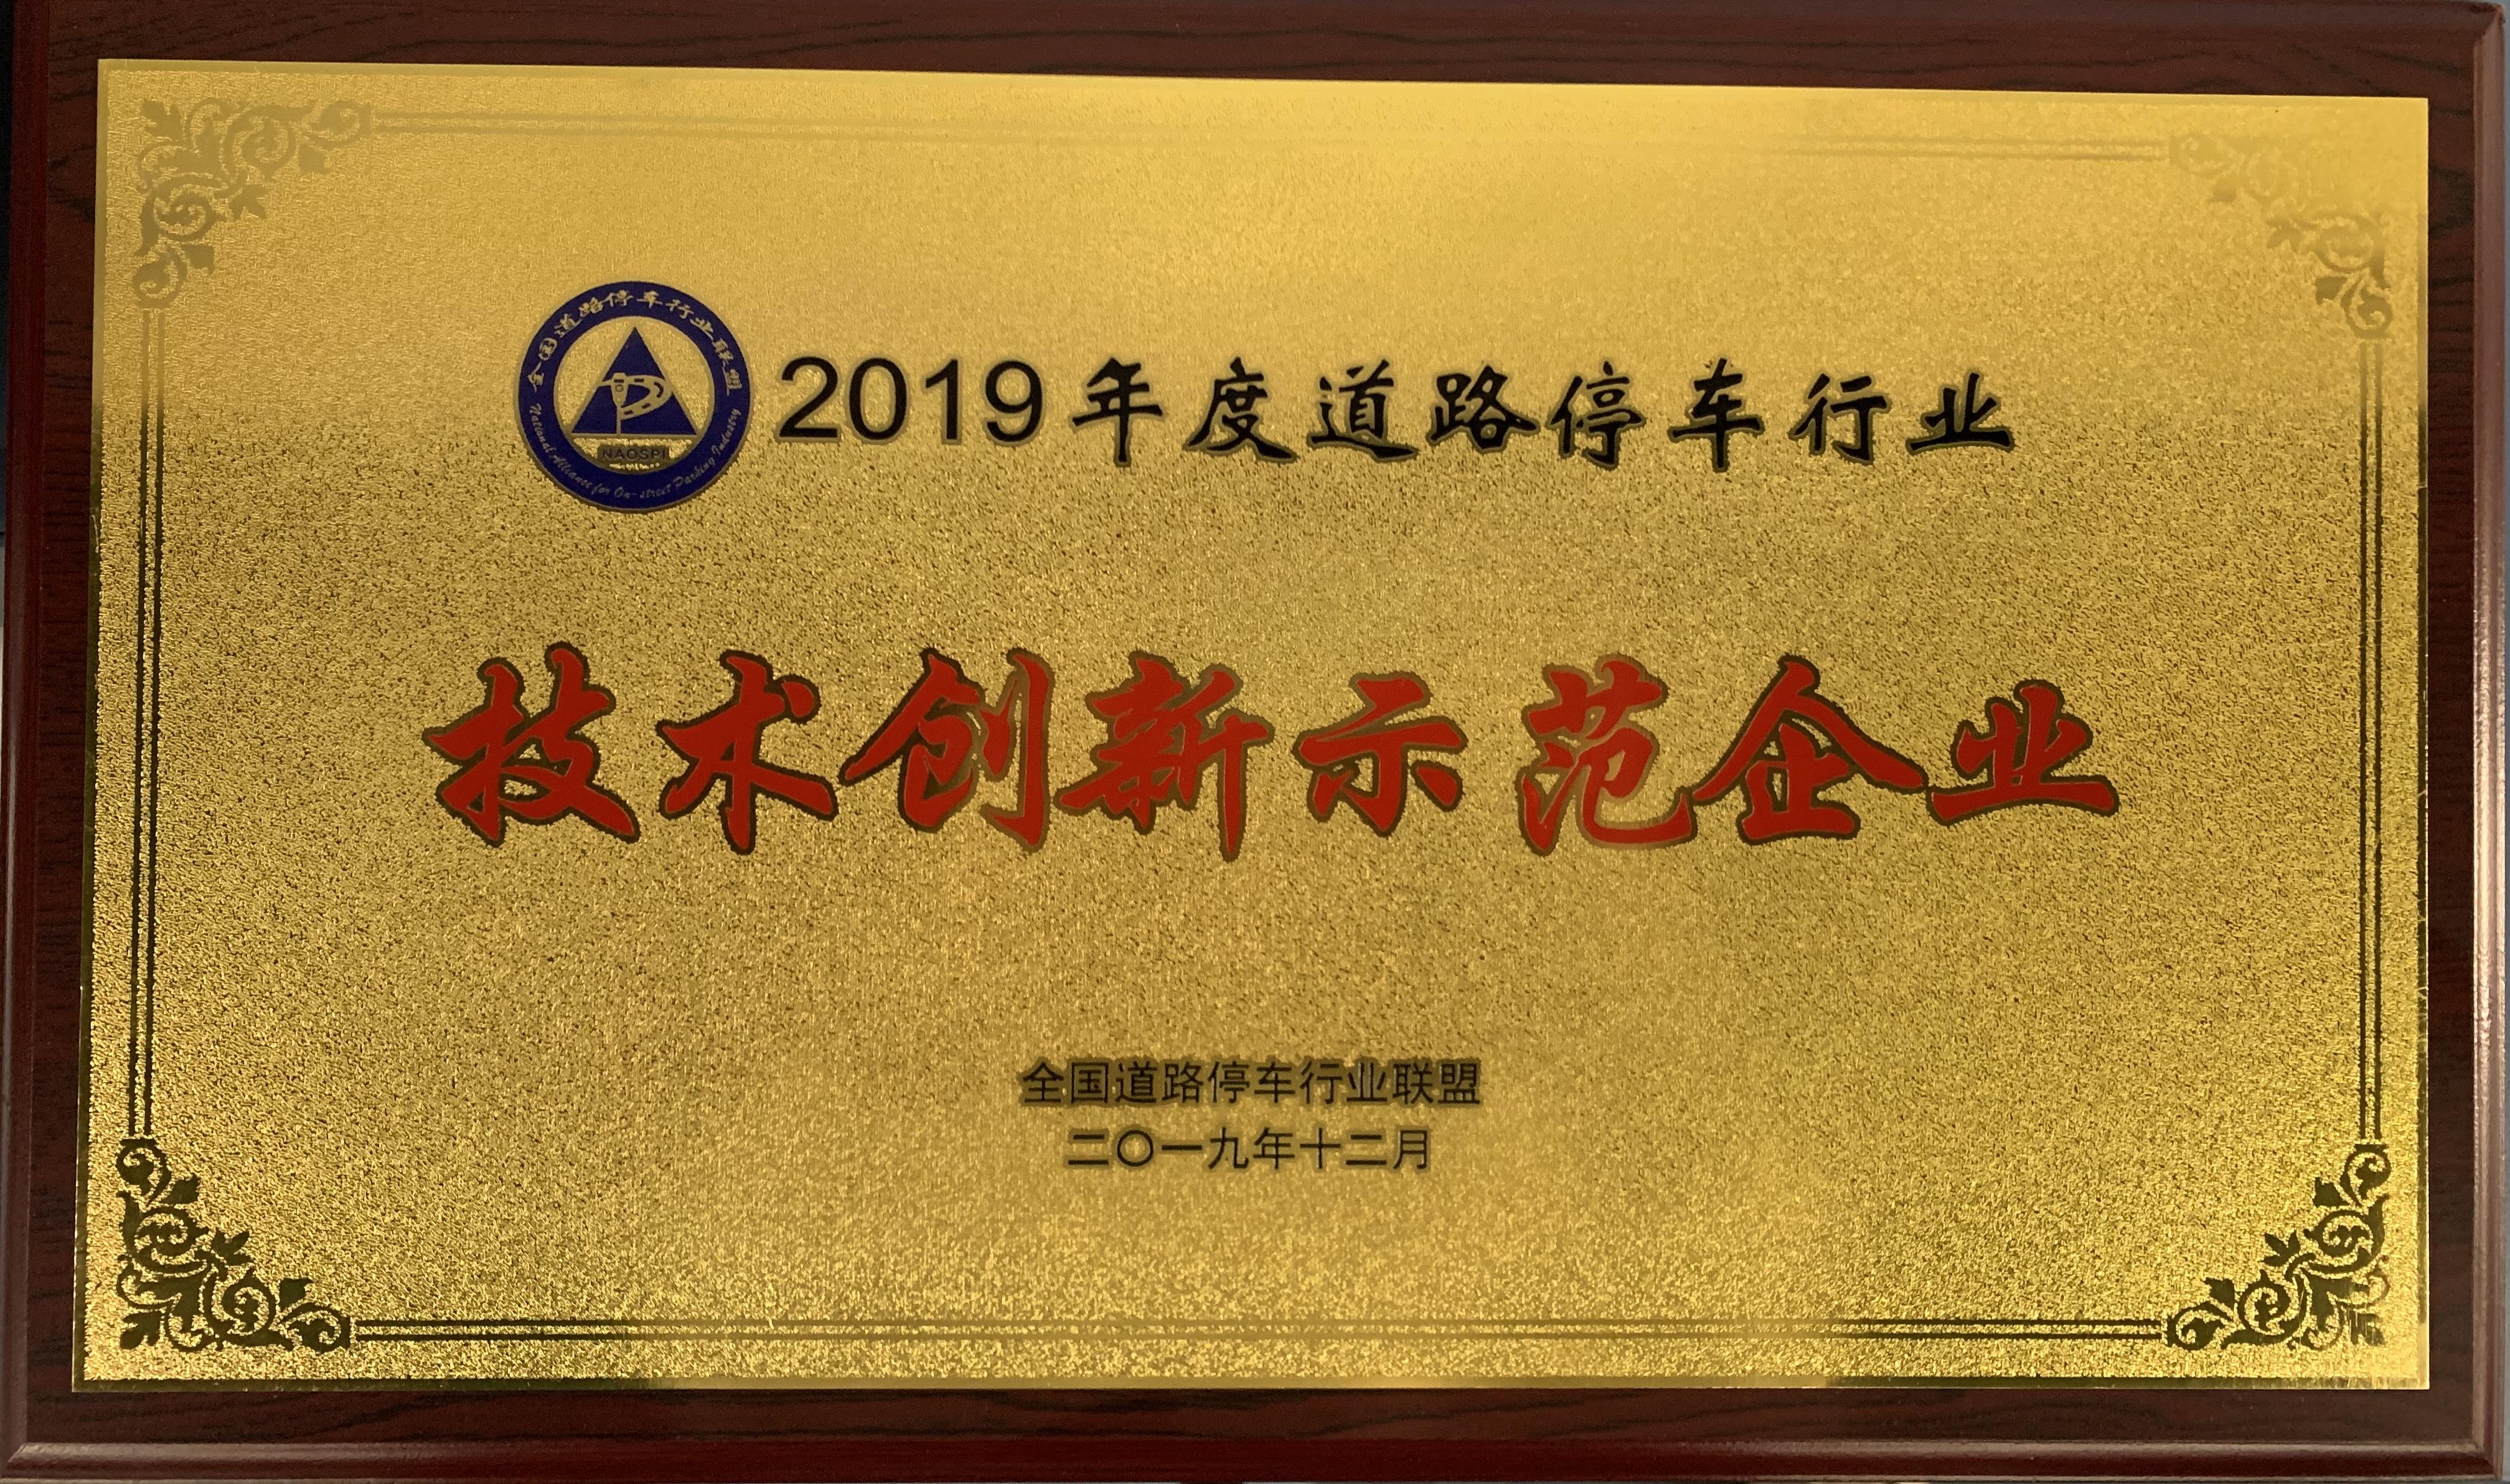 2019年度道路停车行业技术创新示范企业